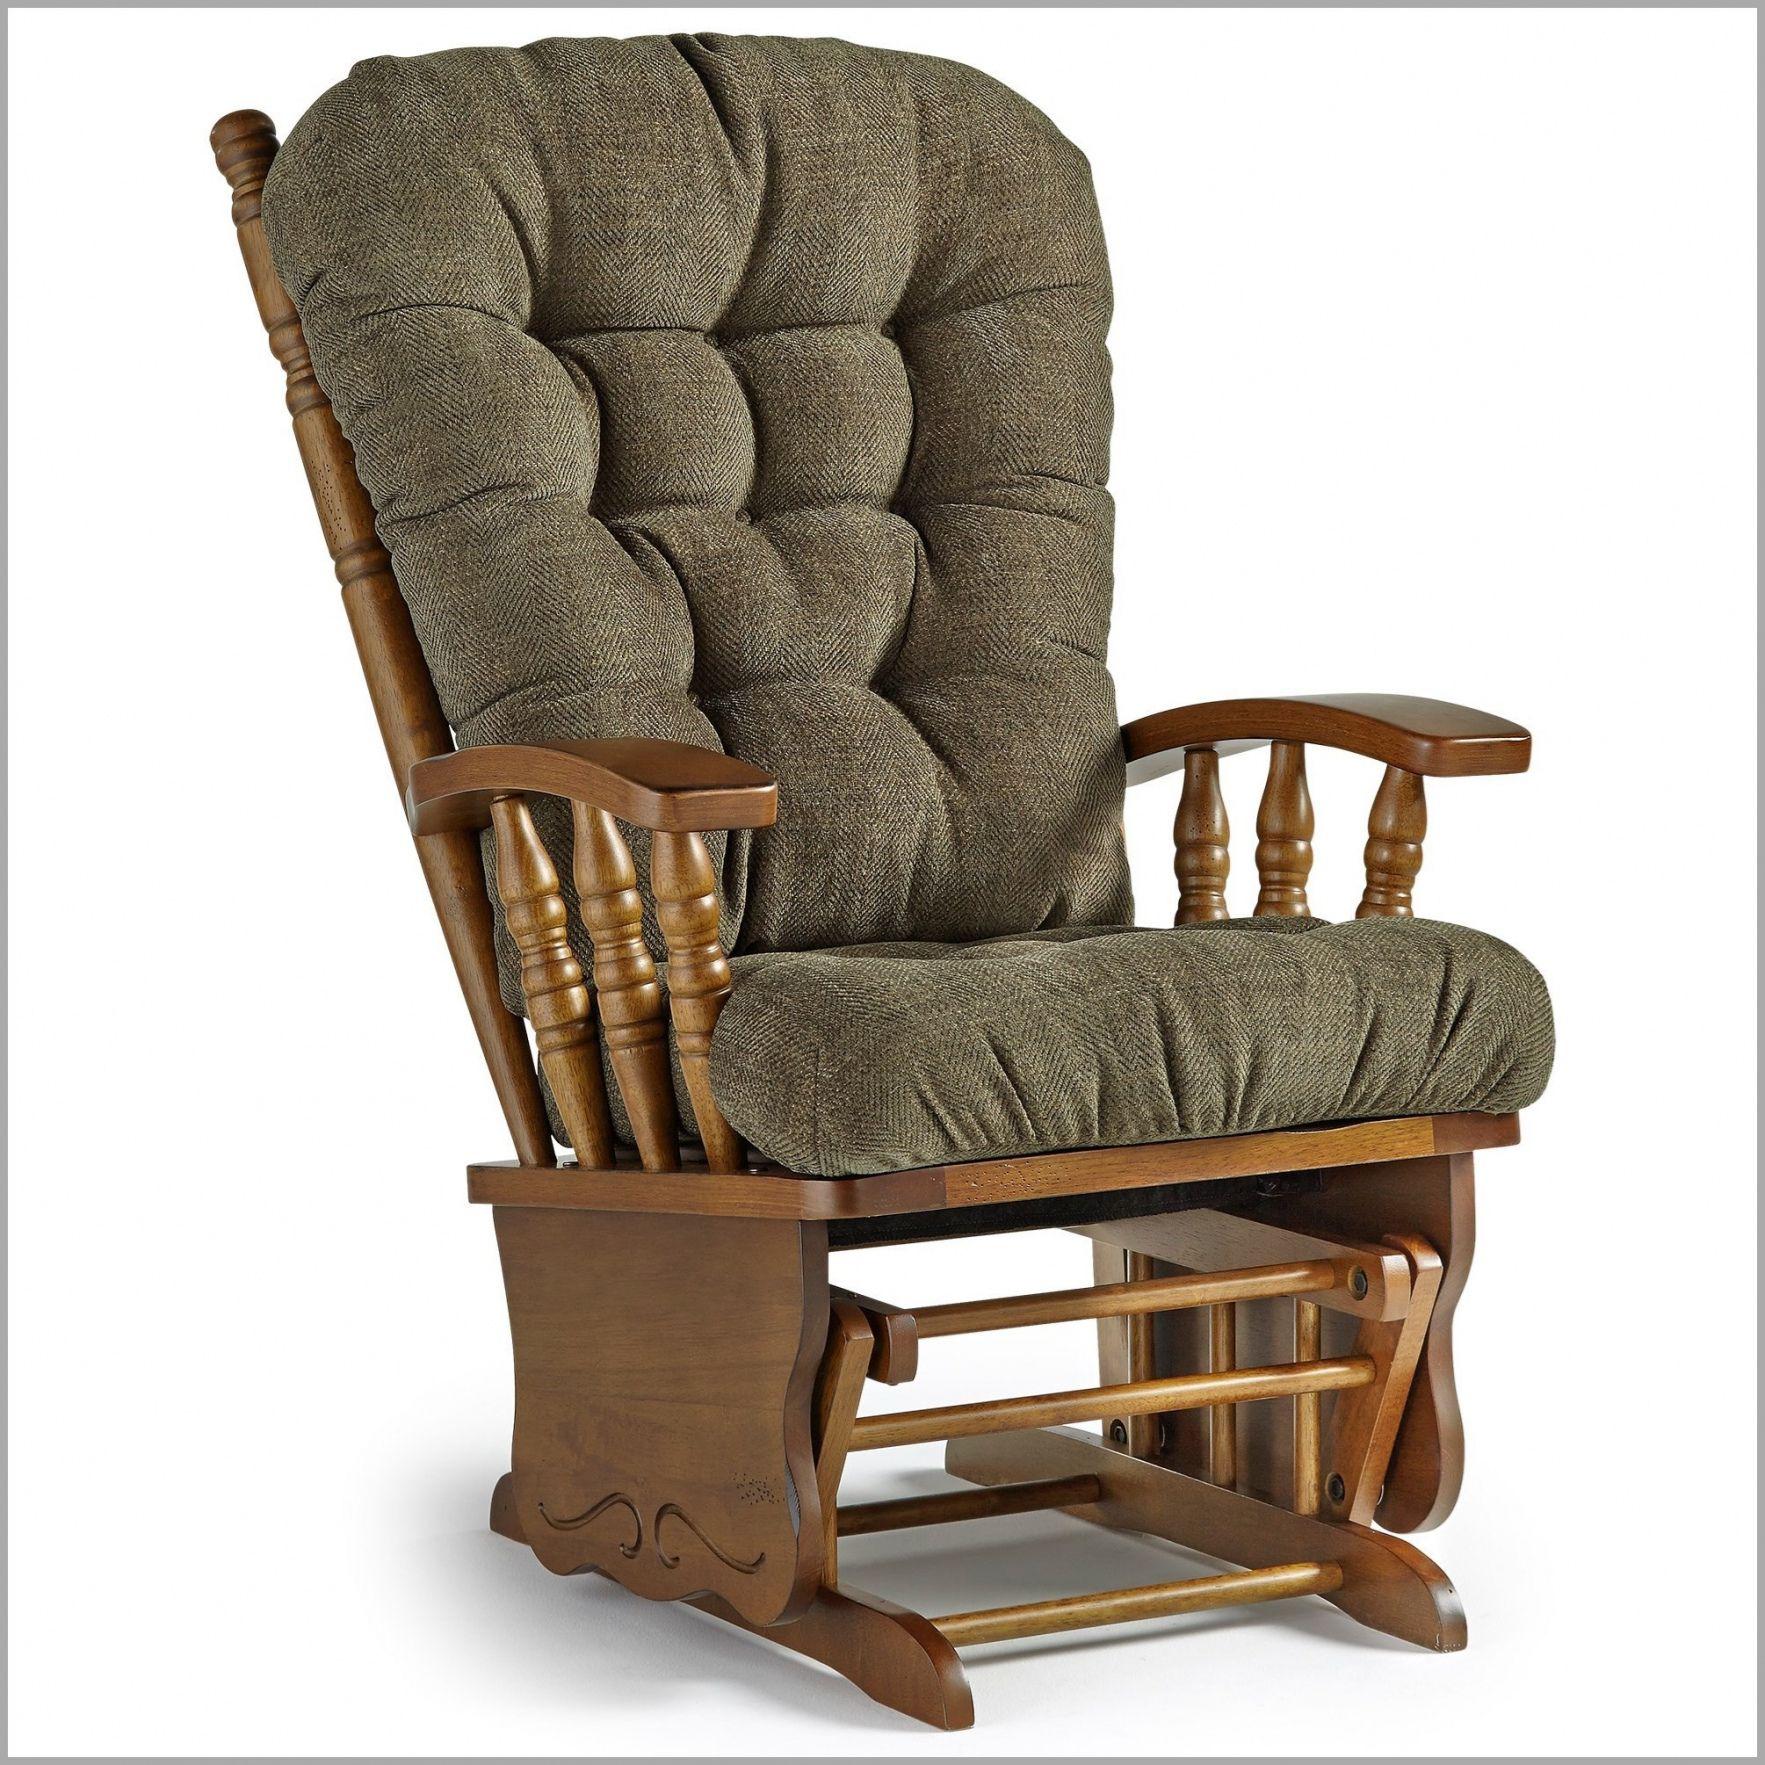 glider chairs children rocker rocking front with welt products nursery swivel chair emerson beige view ecru delta